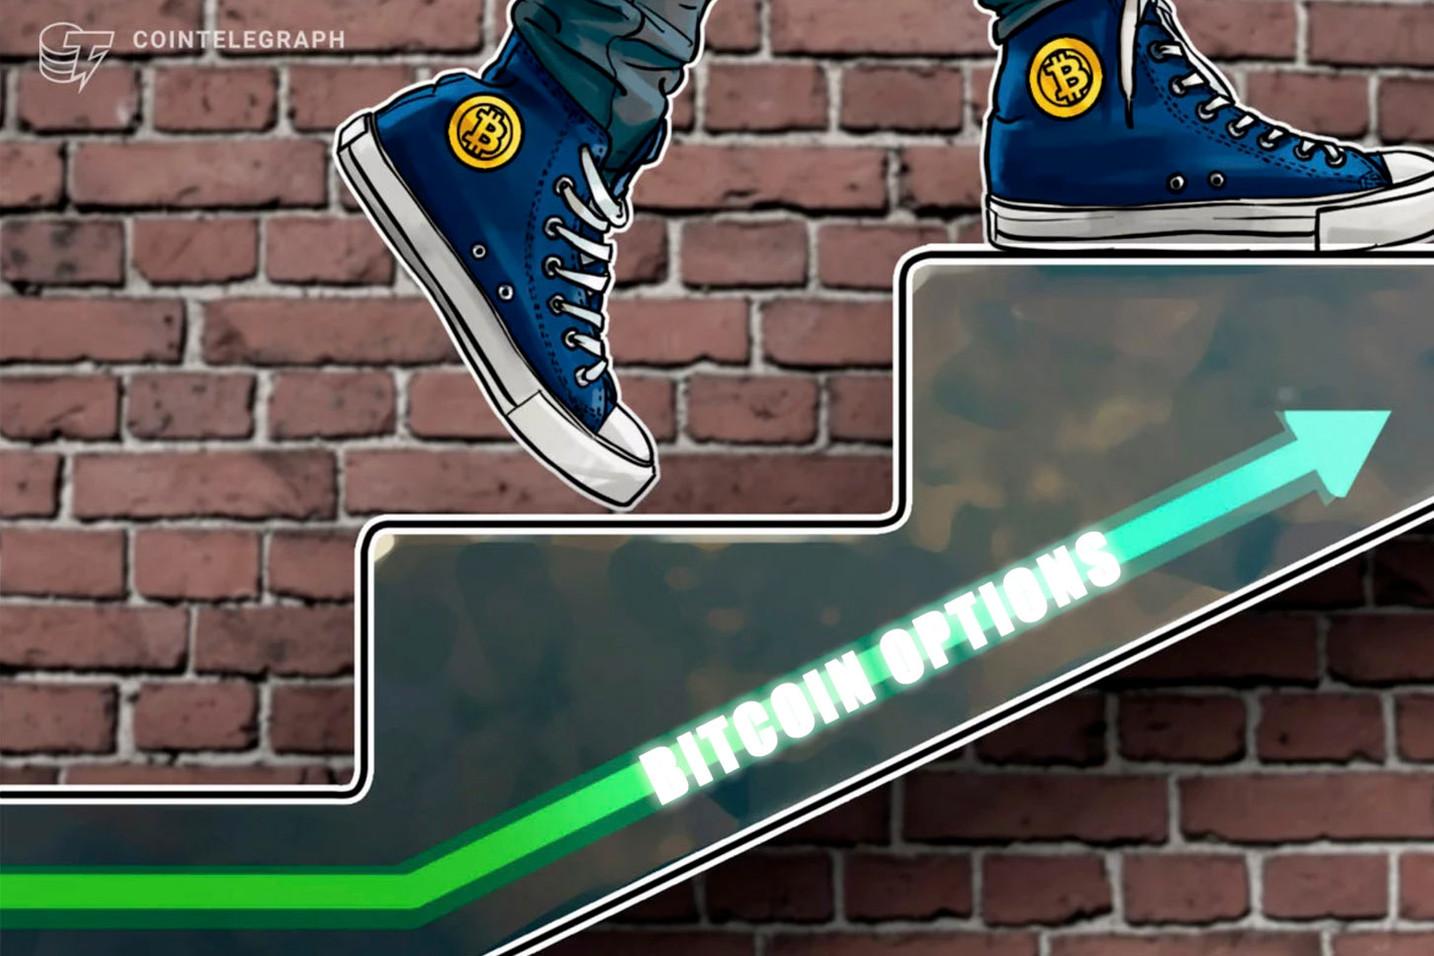 Un nuevo récord de volumen del mercado en las opciones de Bitcoin muestra el gran interés institucional